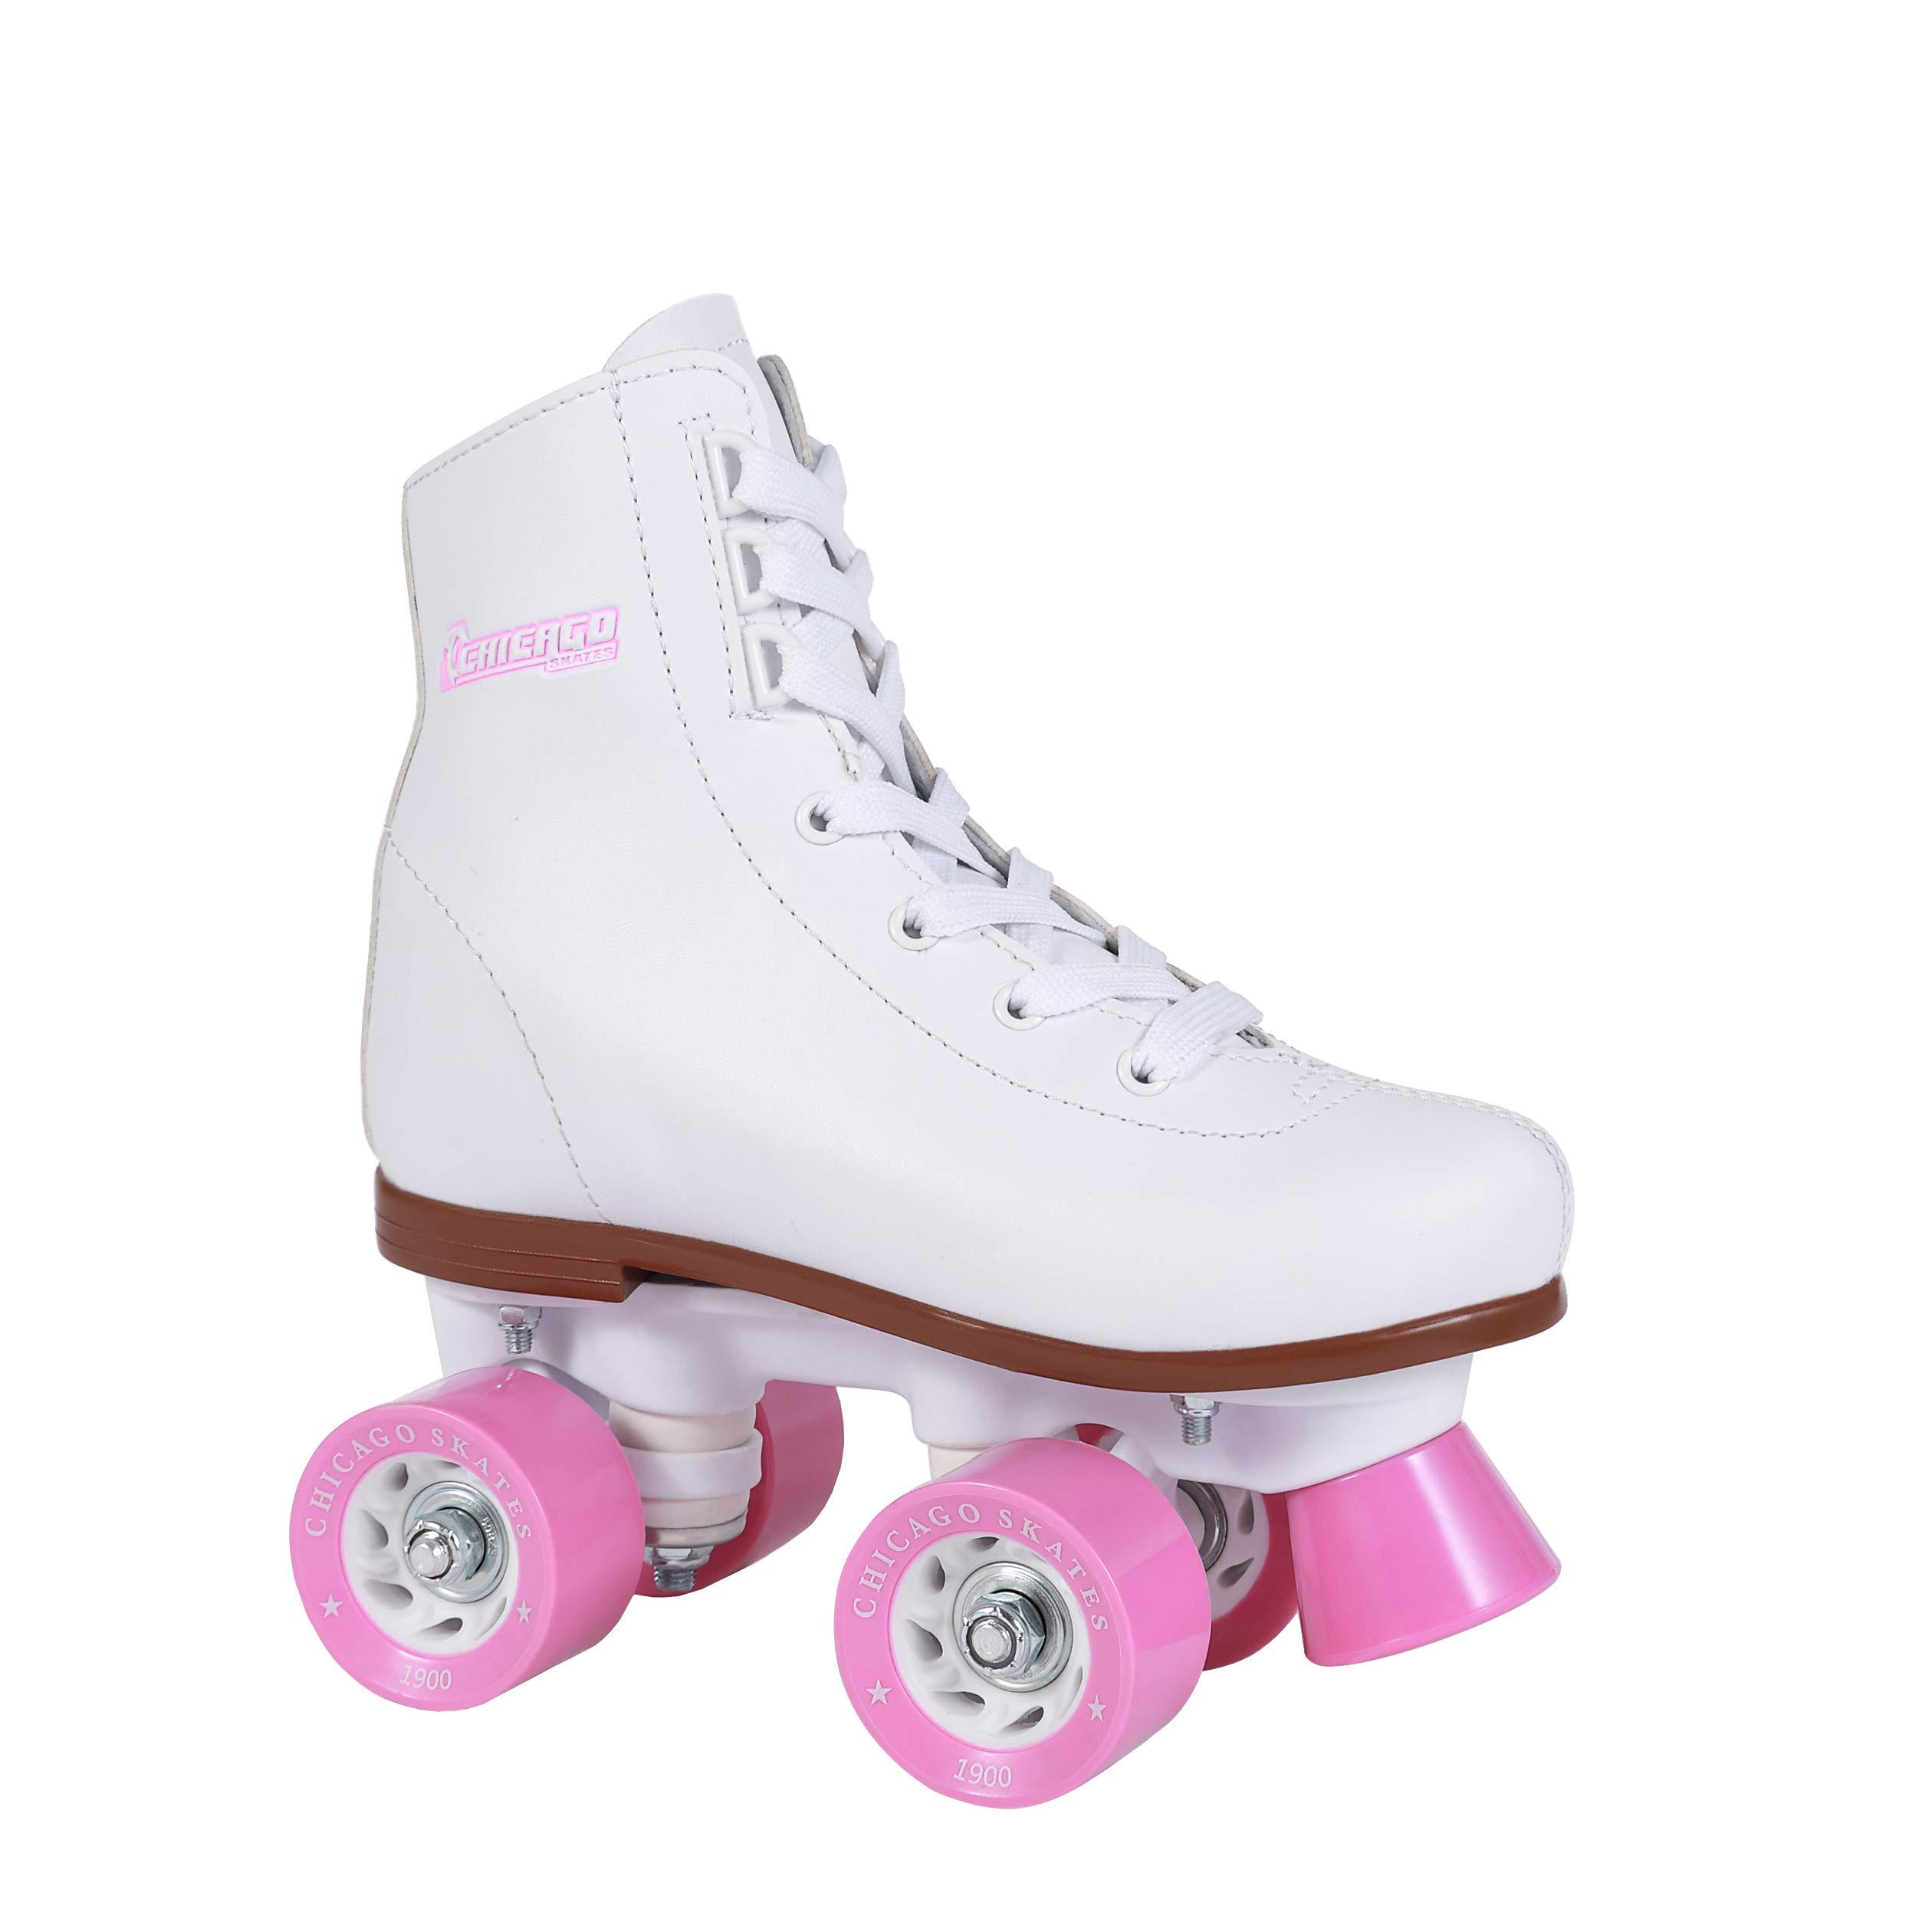 Chicago Girl's Classic Roller Skates - White Rink Quad Skates - Size Youth J11